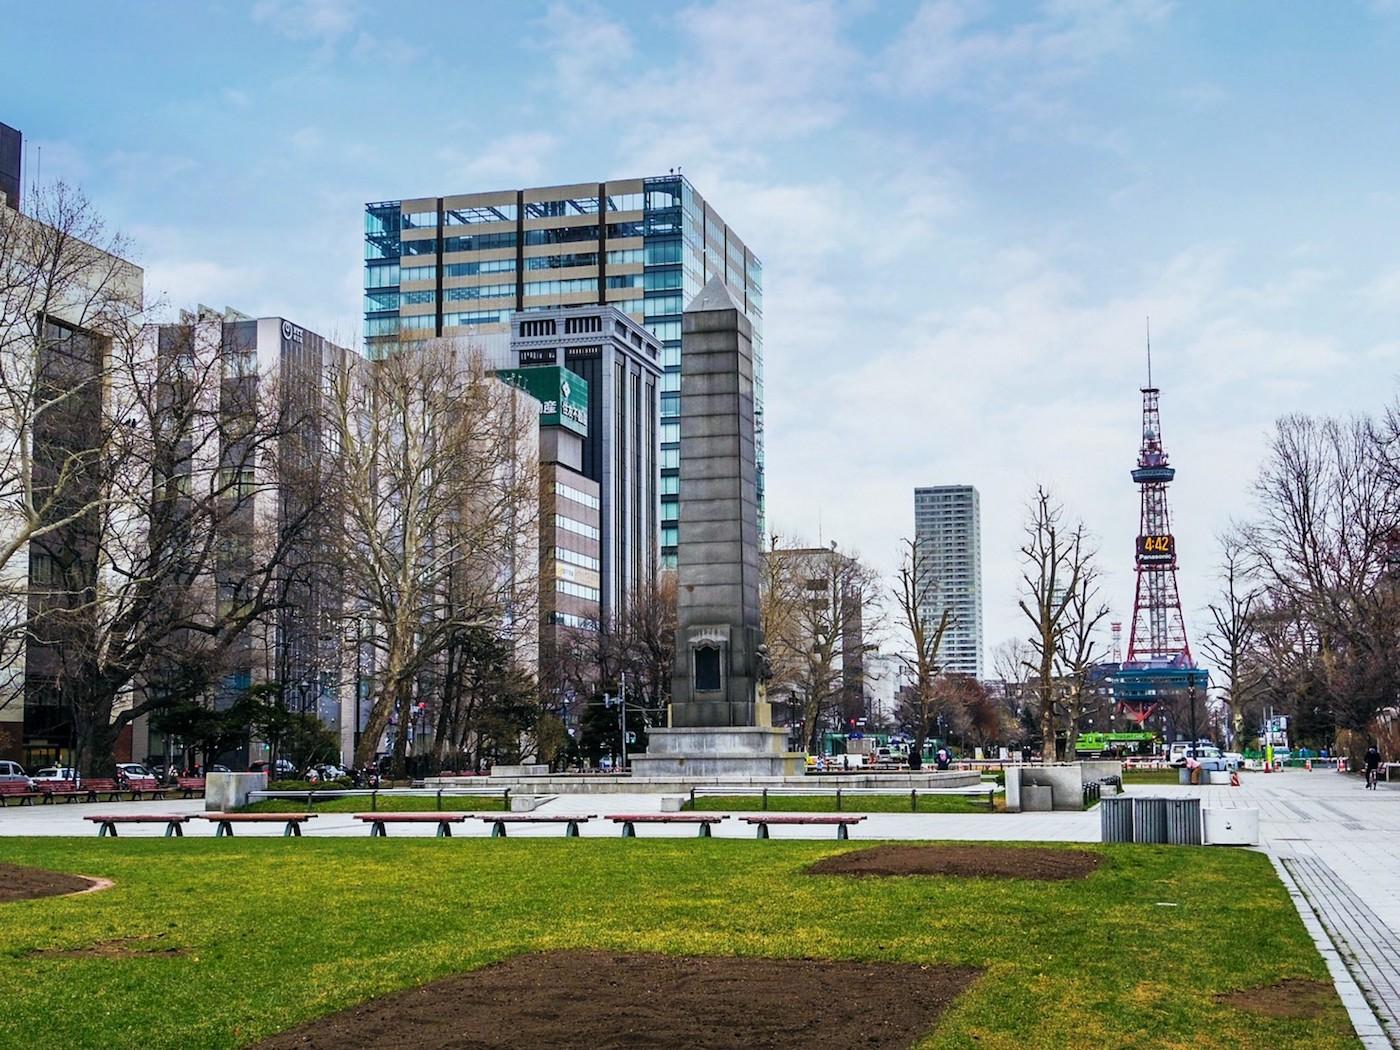 札幌。教室やオンラインでマンツーマンでの英語・英会話コーチングをしています。